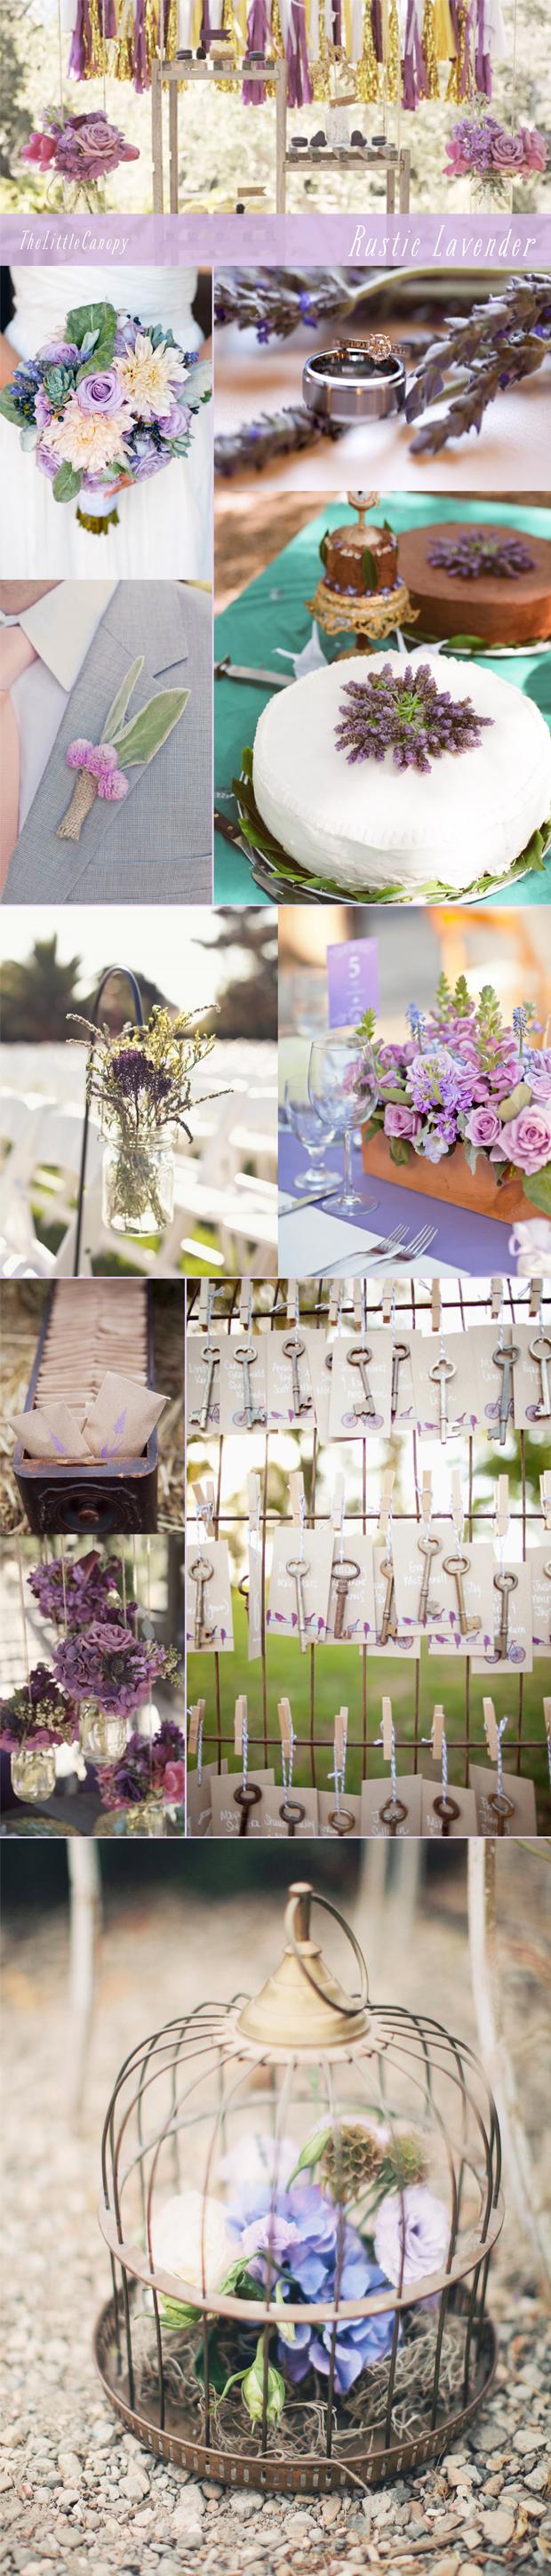 Rustic Lavender Inspiration Board